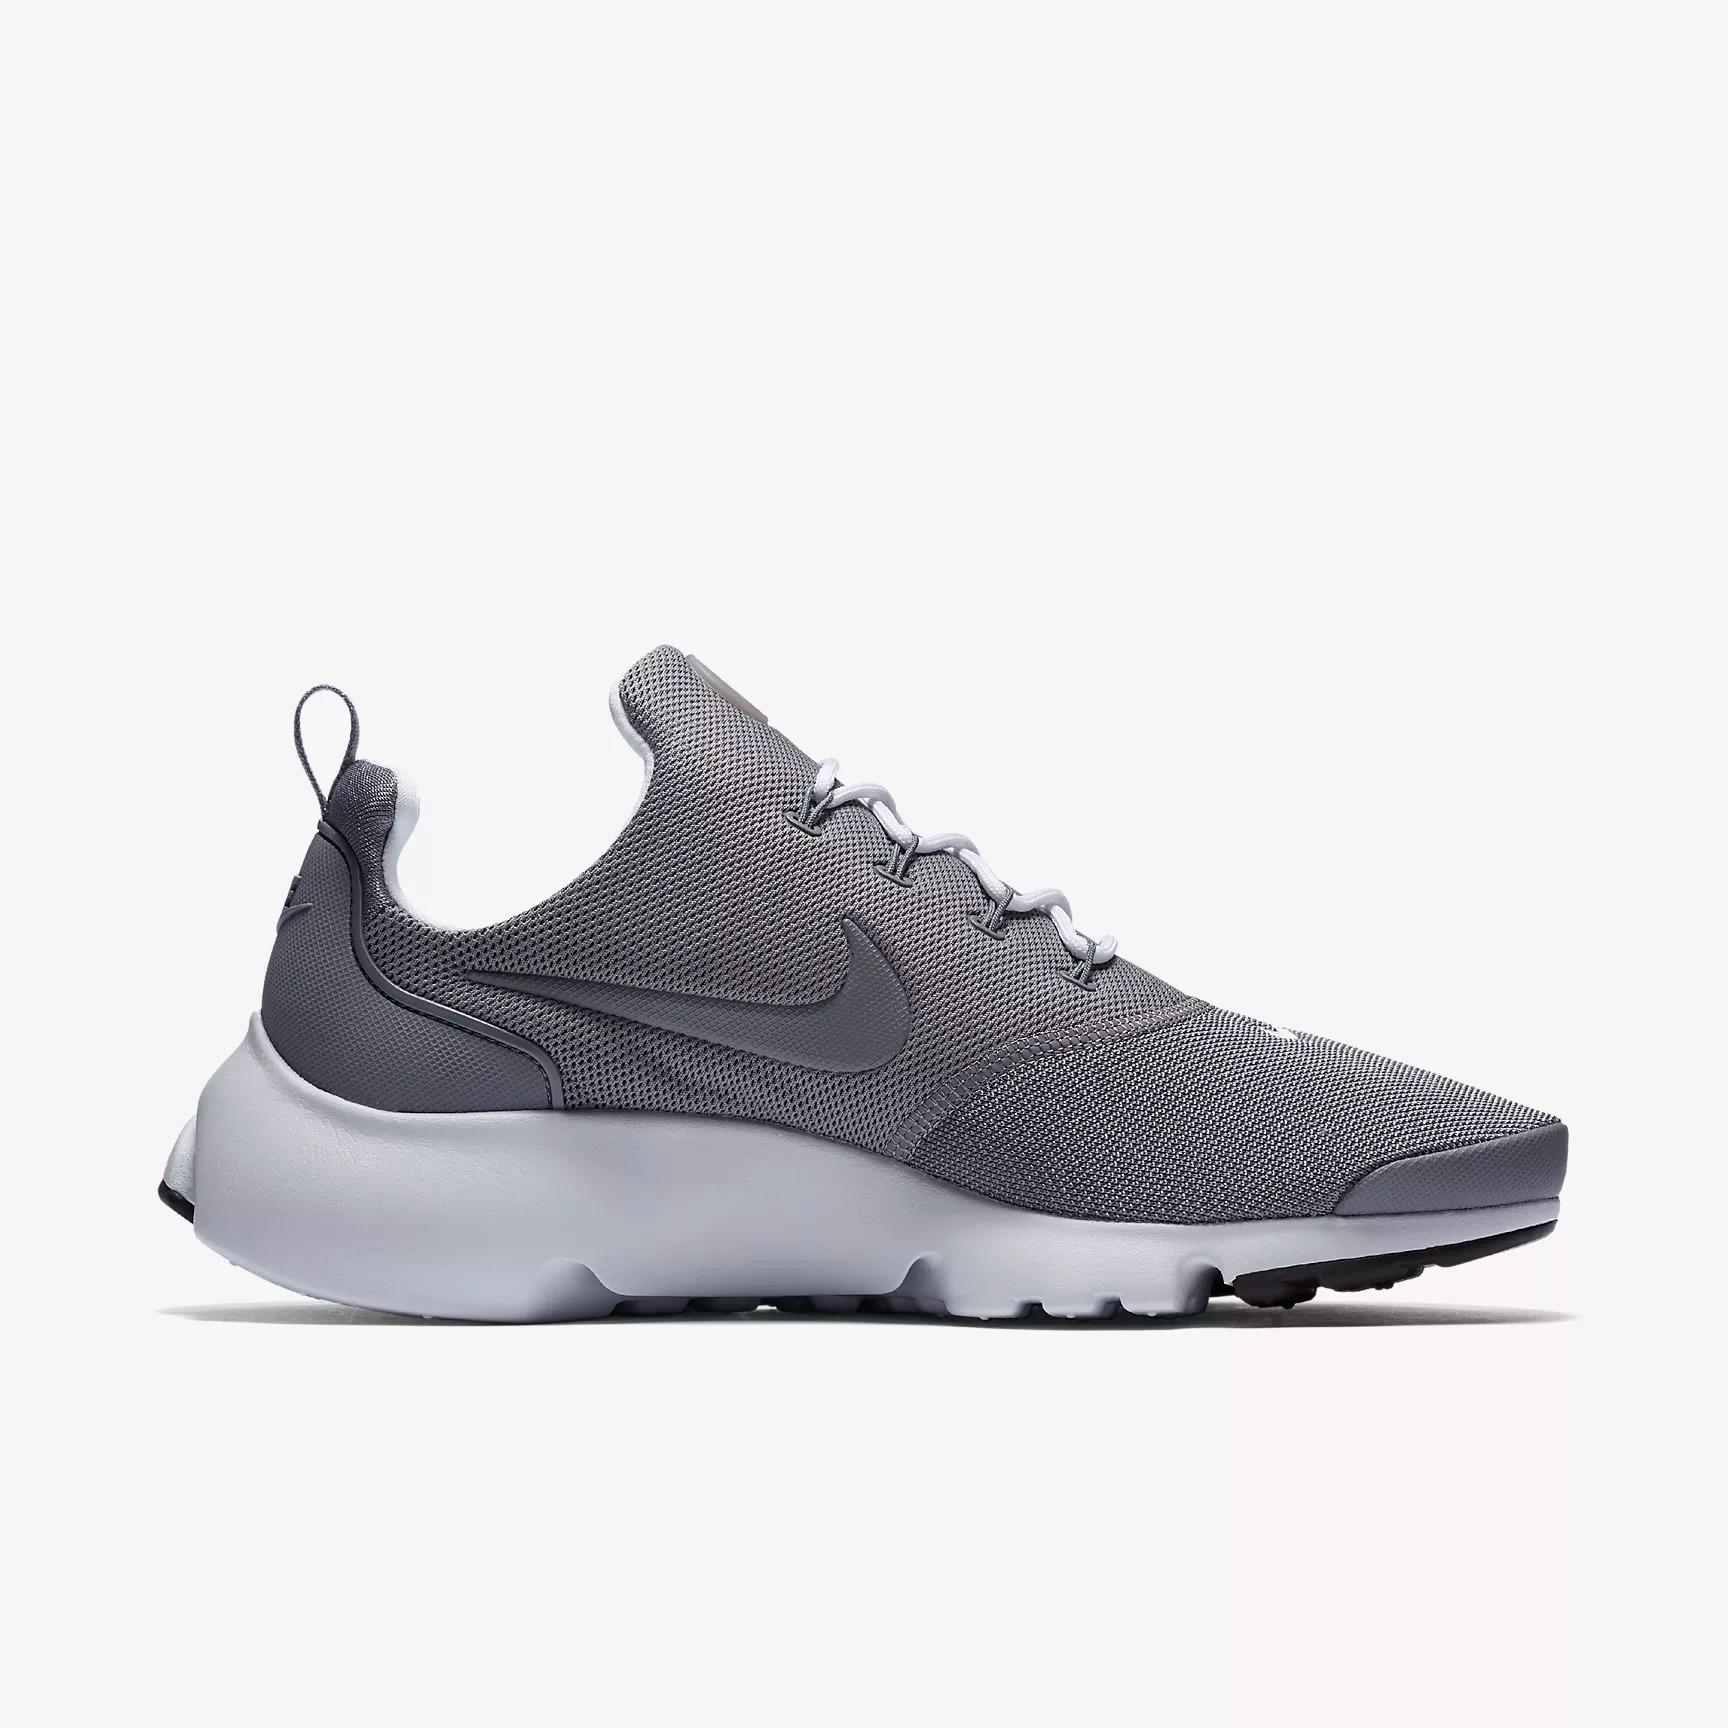 Ac Milan Shoes Nike